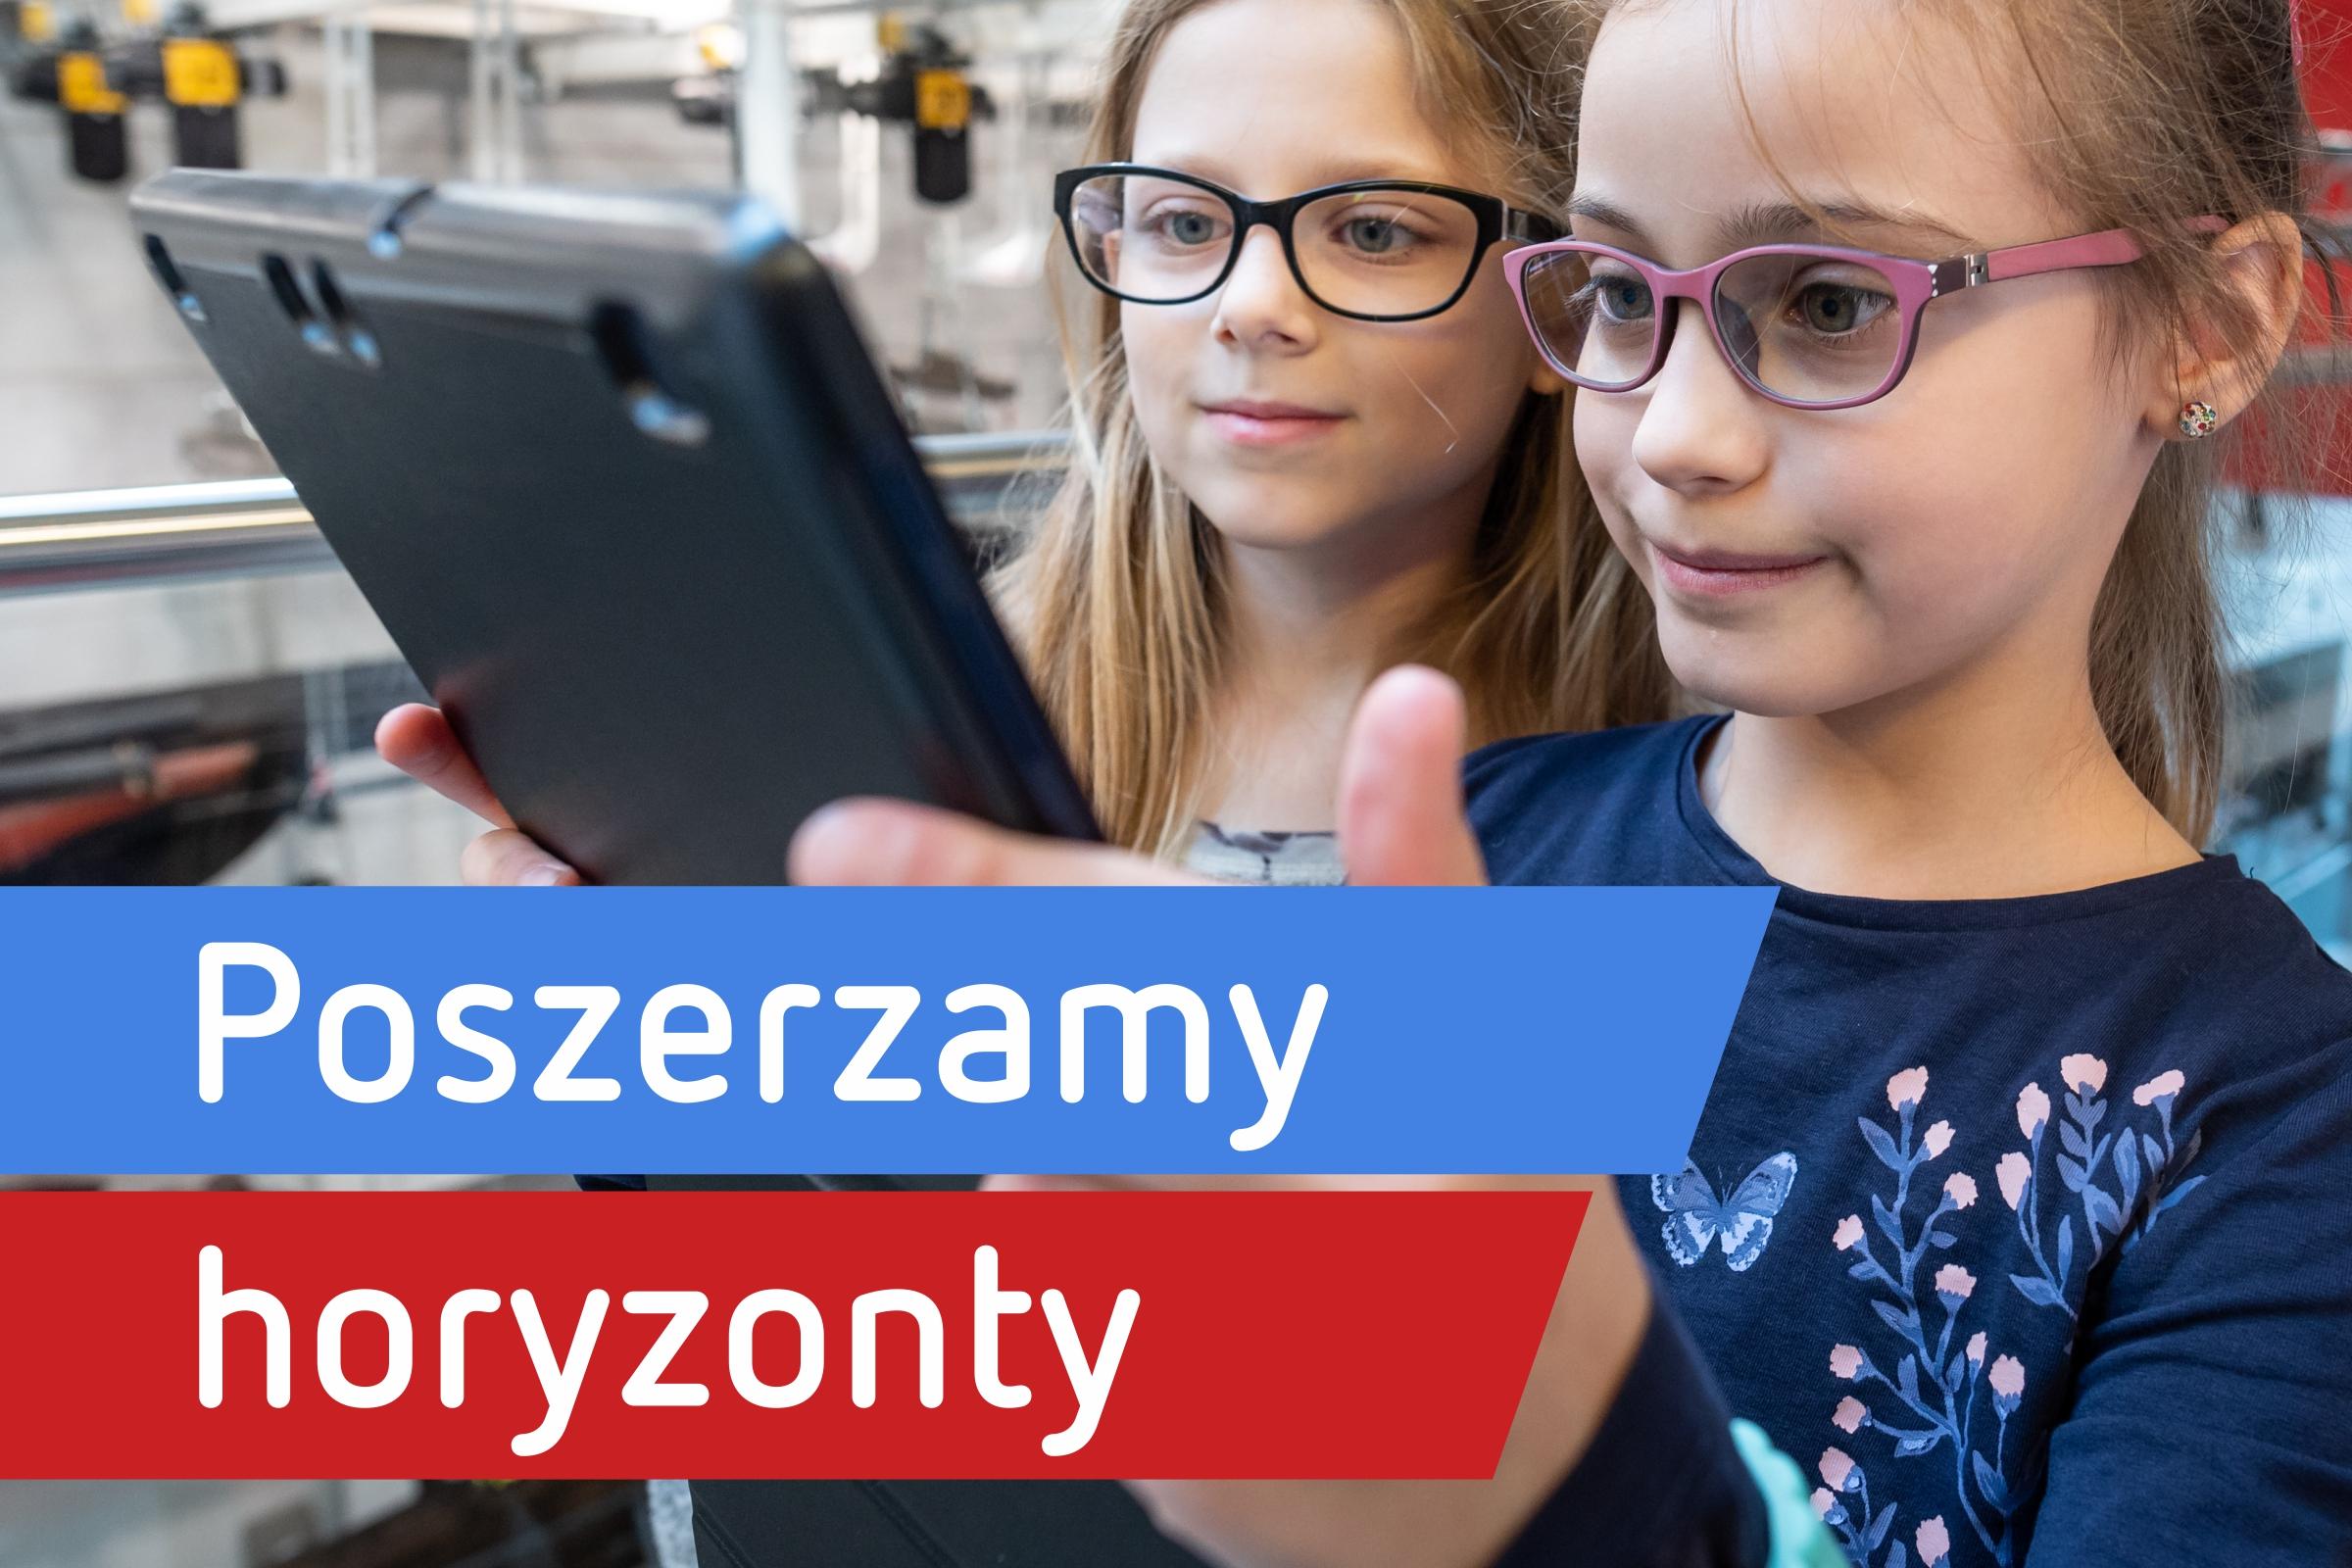 Poszerzamy horyzonty! Lekcje, warsztaty, zwiedzanie i wiele więcej w Narodowym Muzeum Morskim w Gdańsku